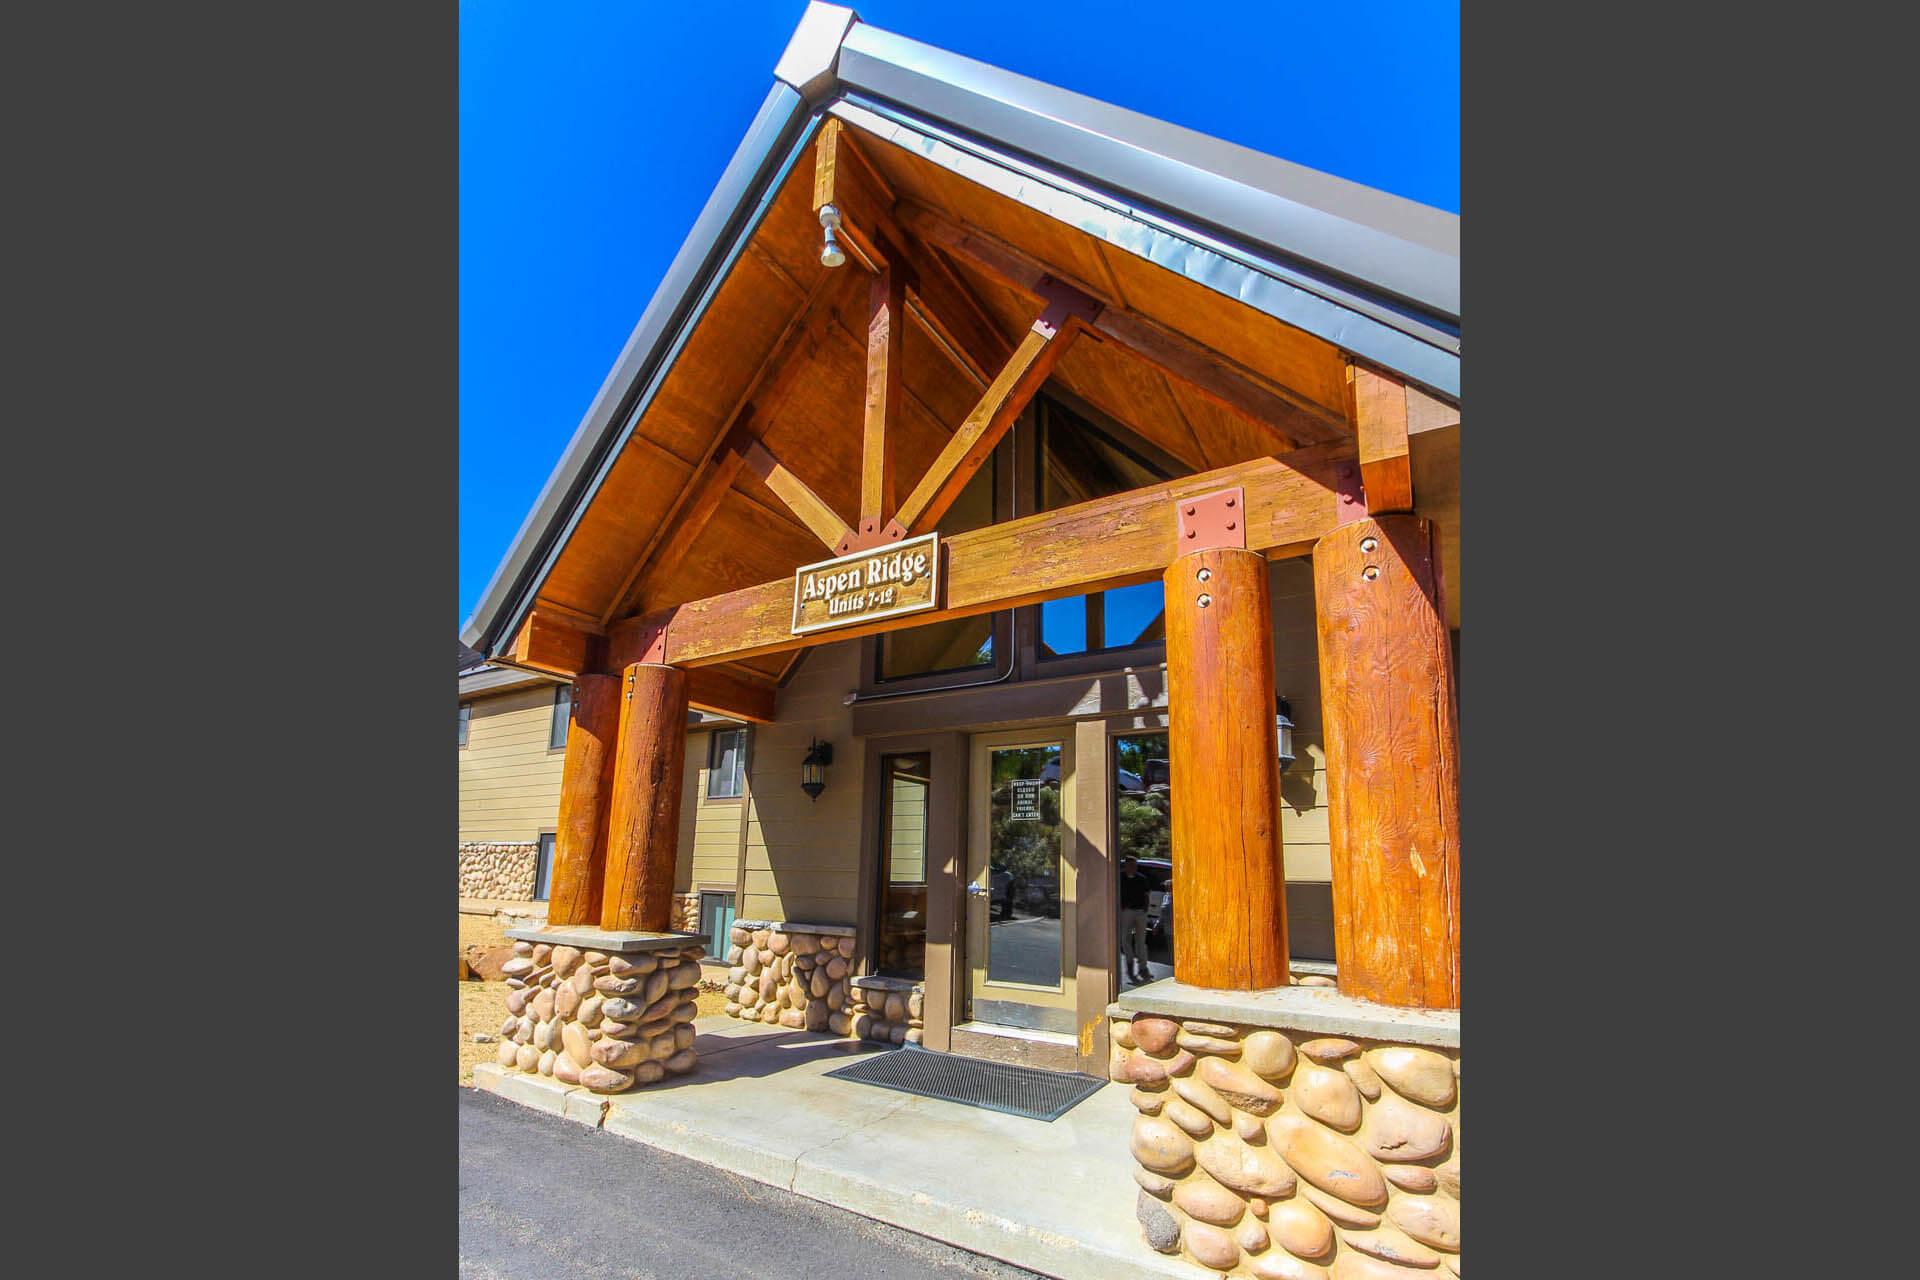 A welcoming resort entrance at VRI's Powder Ridge Village in Eden, Utah.